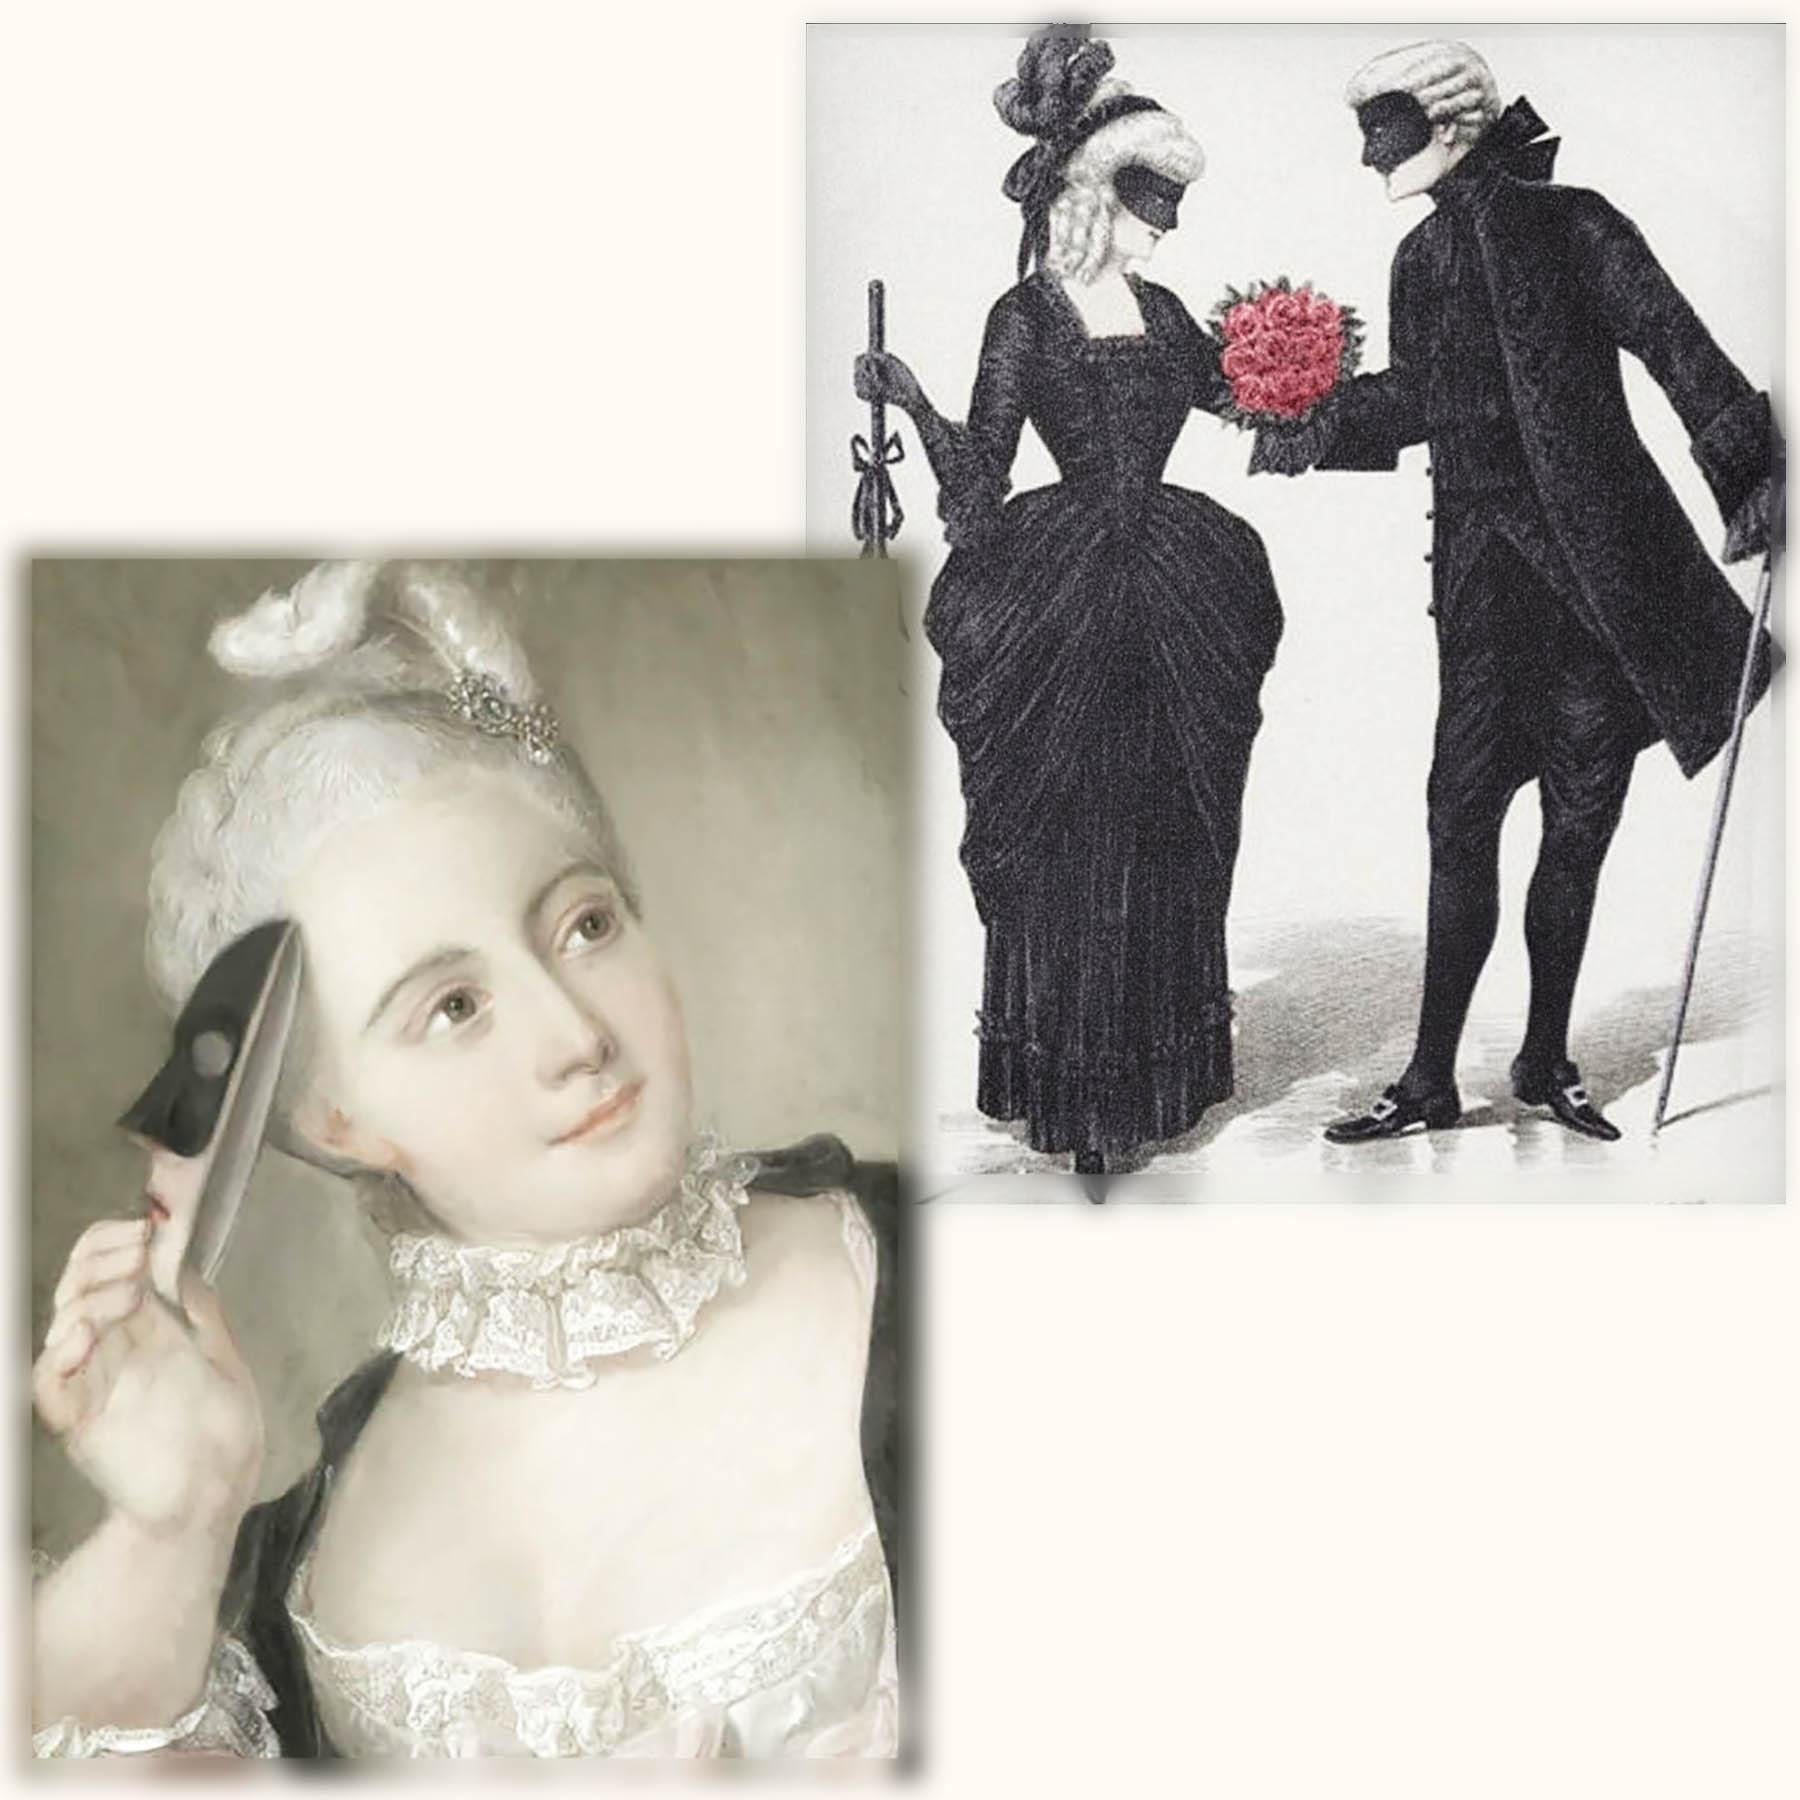 ヴェネツィアン マスク18世紀フランス 仮面舞踏会